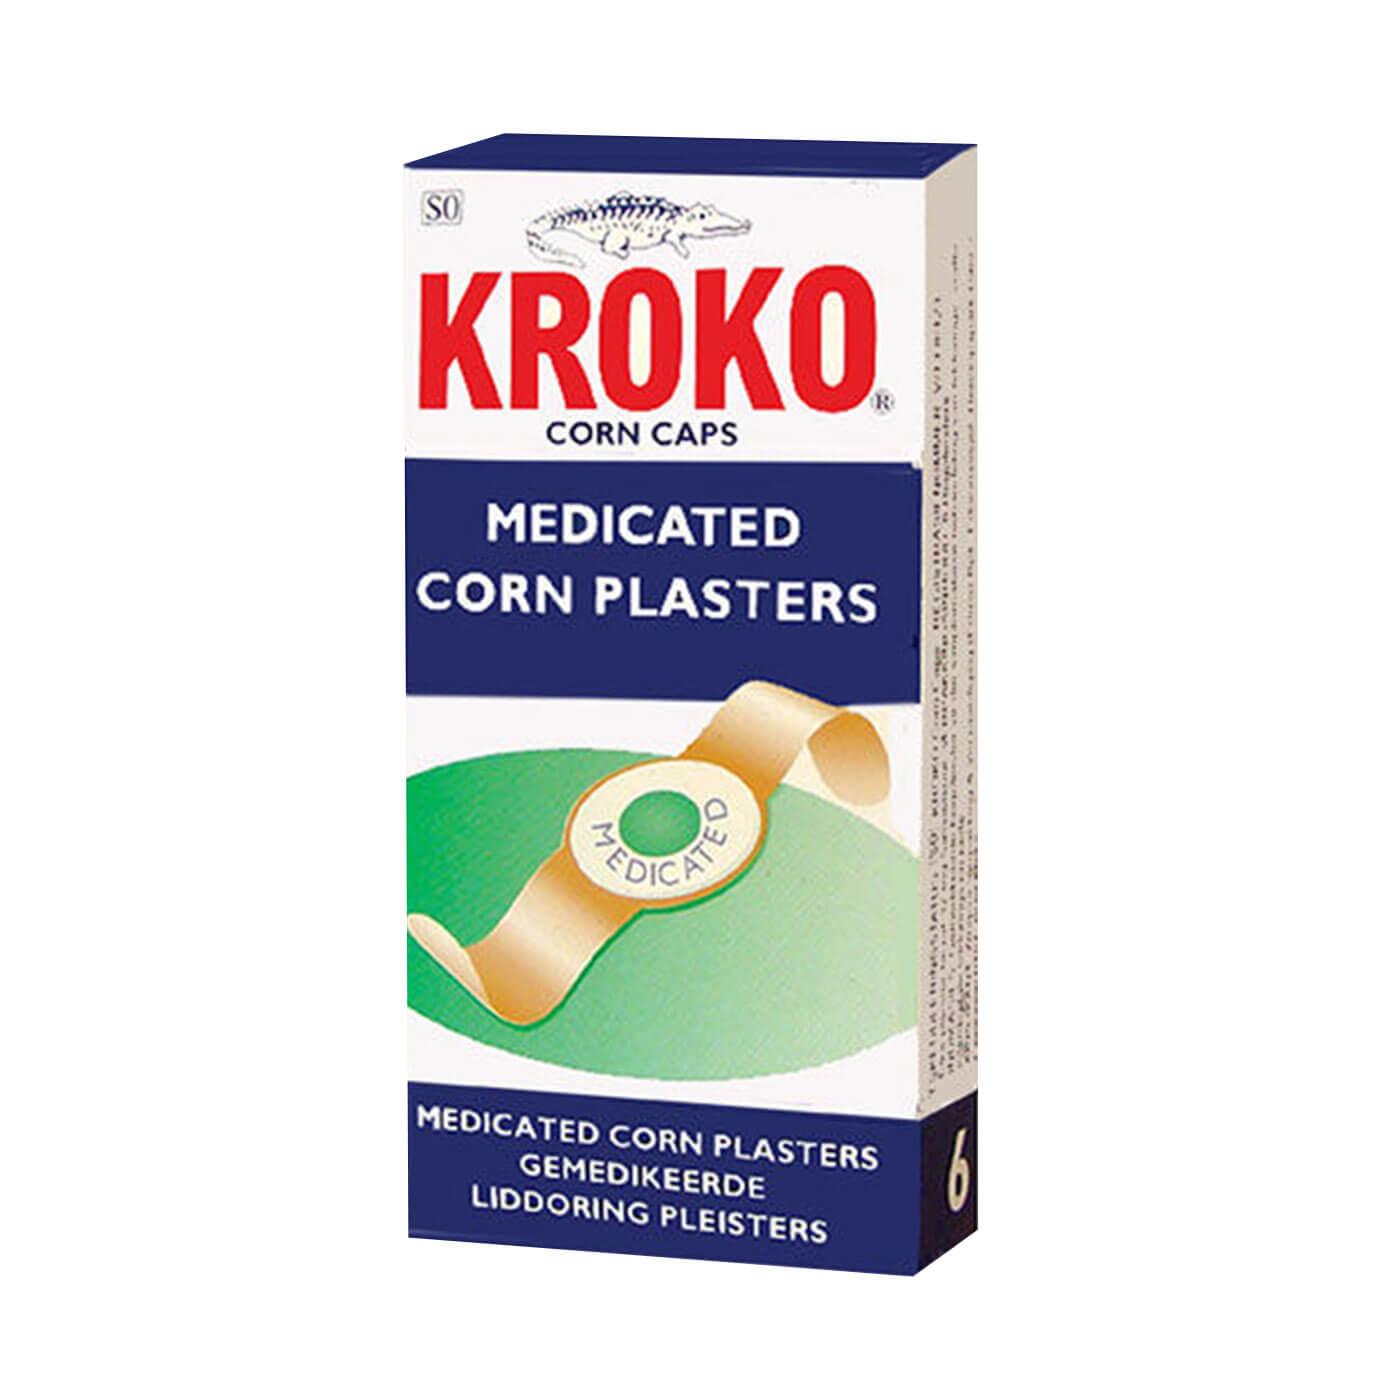 Kroko Medicated Corn Plasters